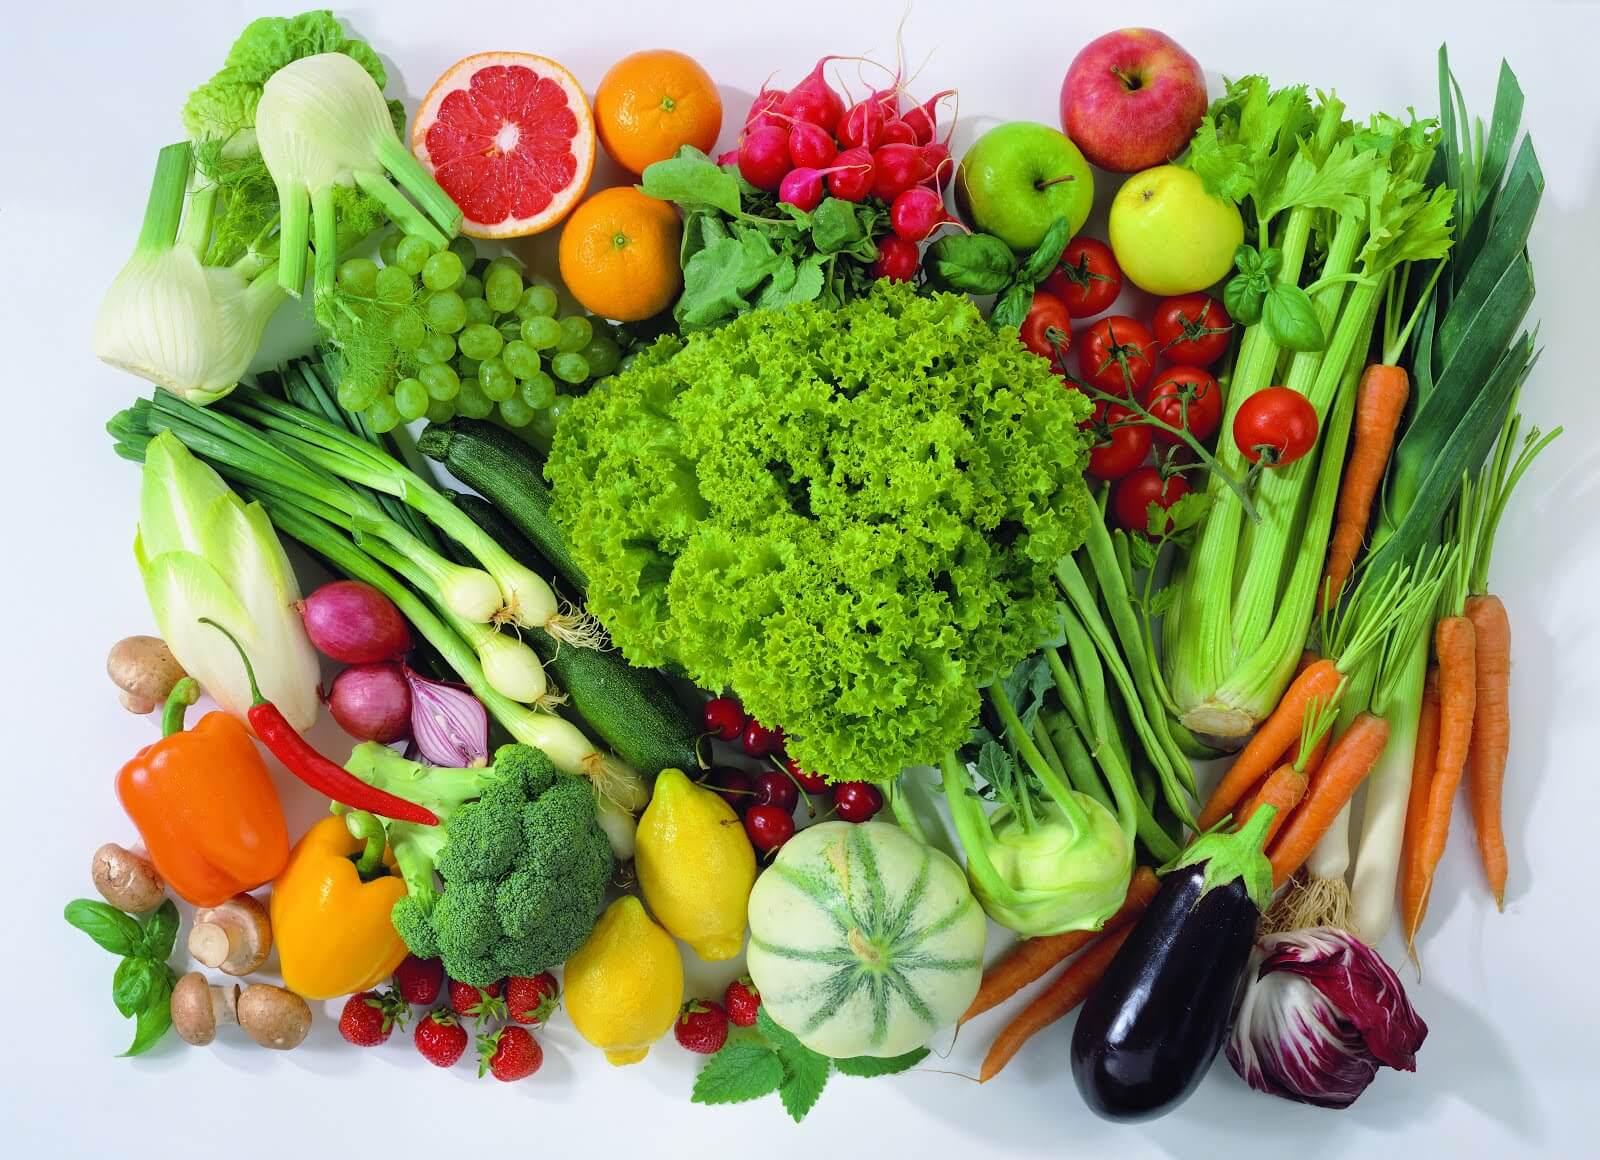 Aliments contenant des nitrosamines